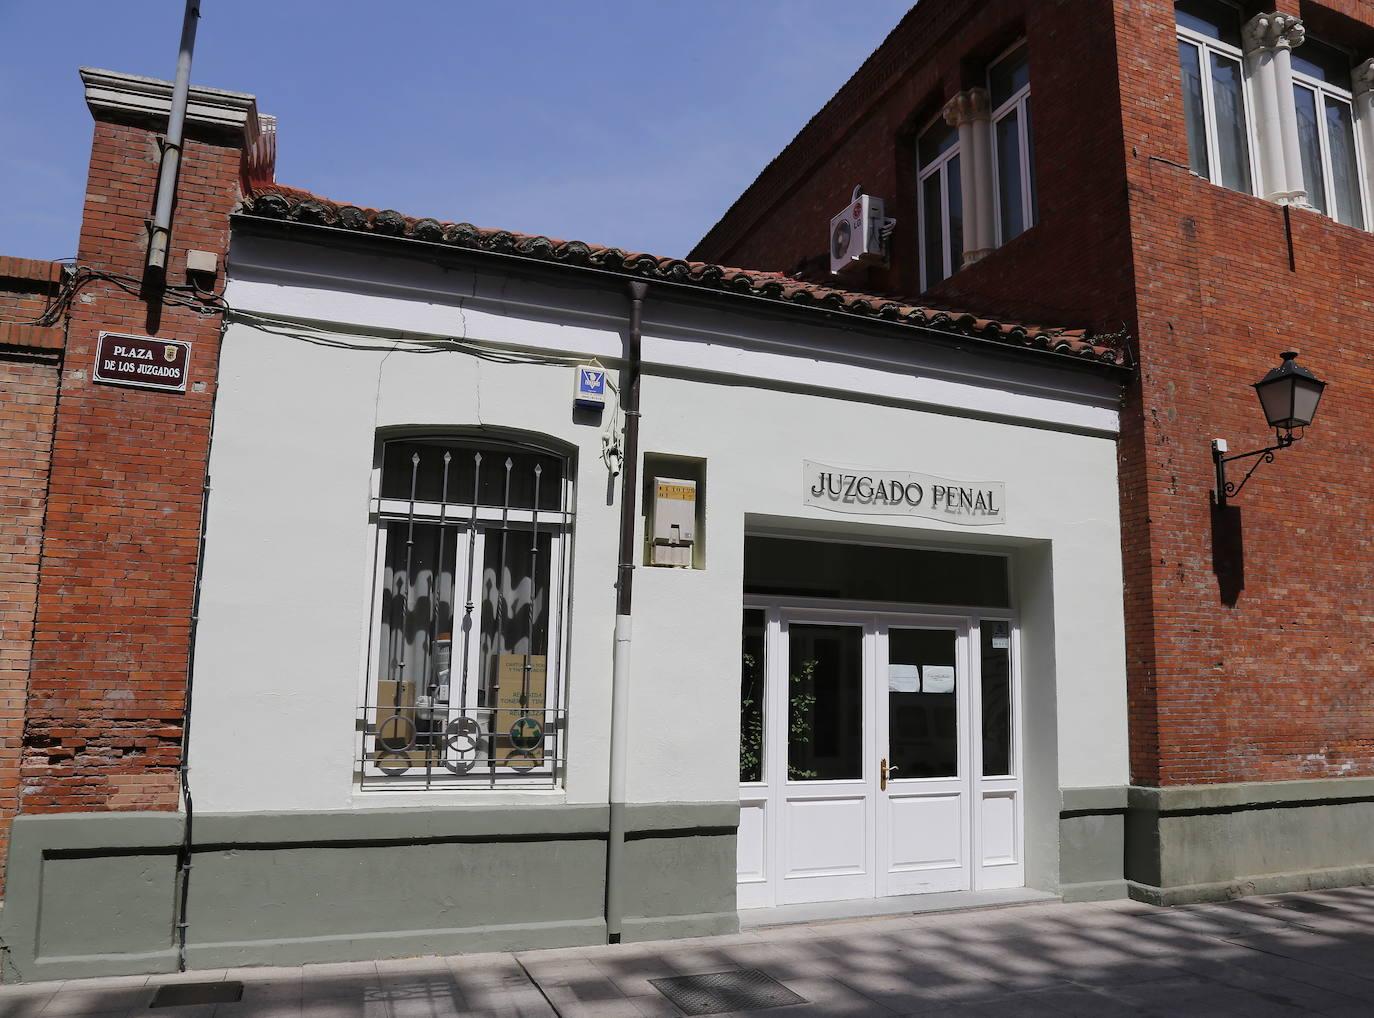 Nueve de cada diez juicios rápidos en Castilla y León son por malos tratos